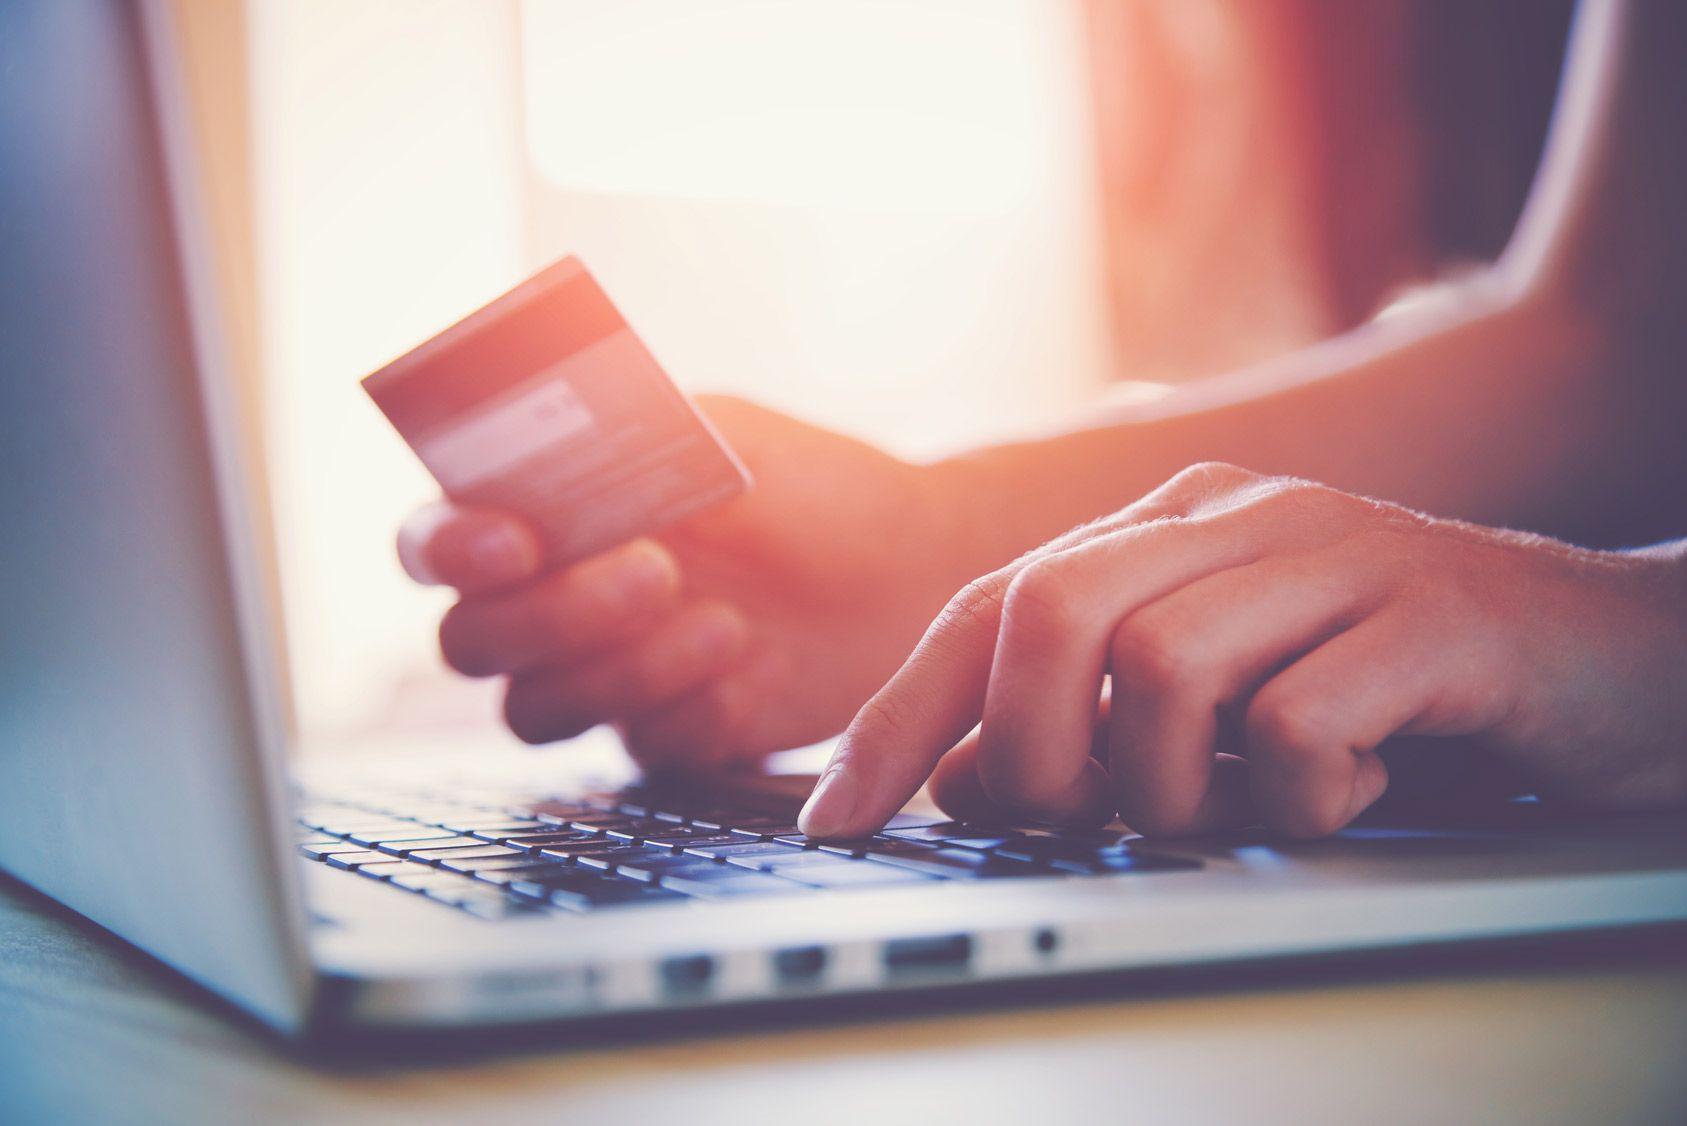 Perceval, le nouveau site national  pour déclarer les fraudes à la carte bancaire